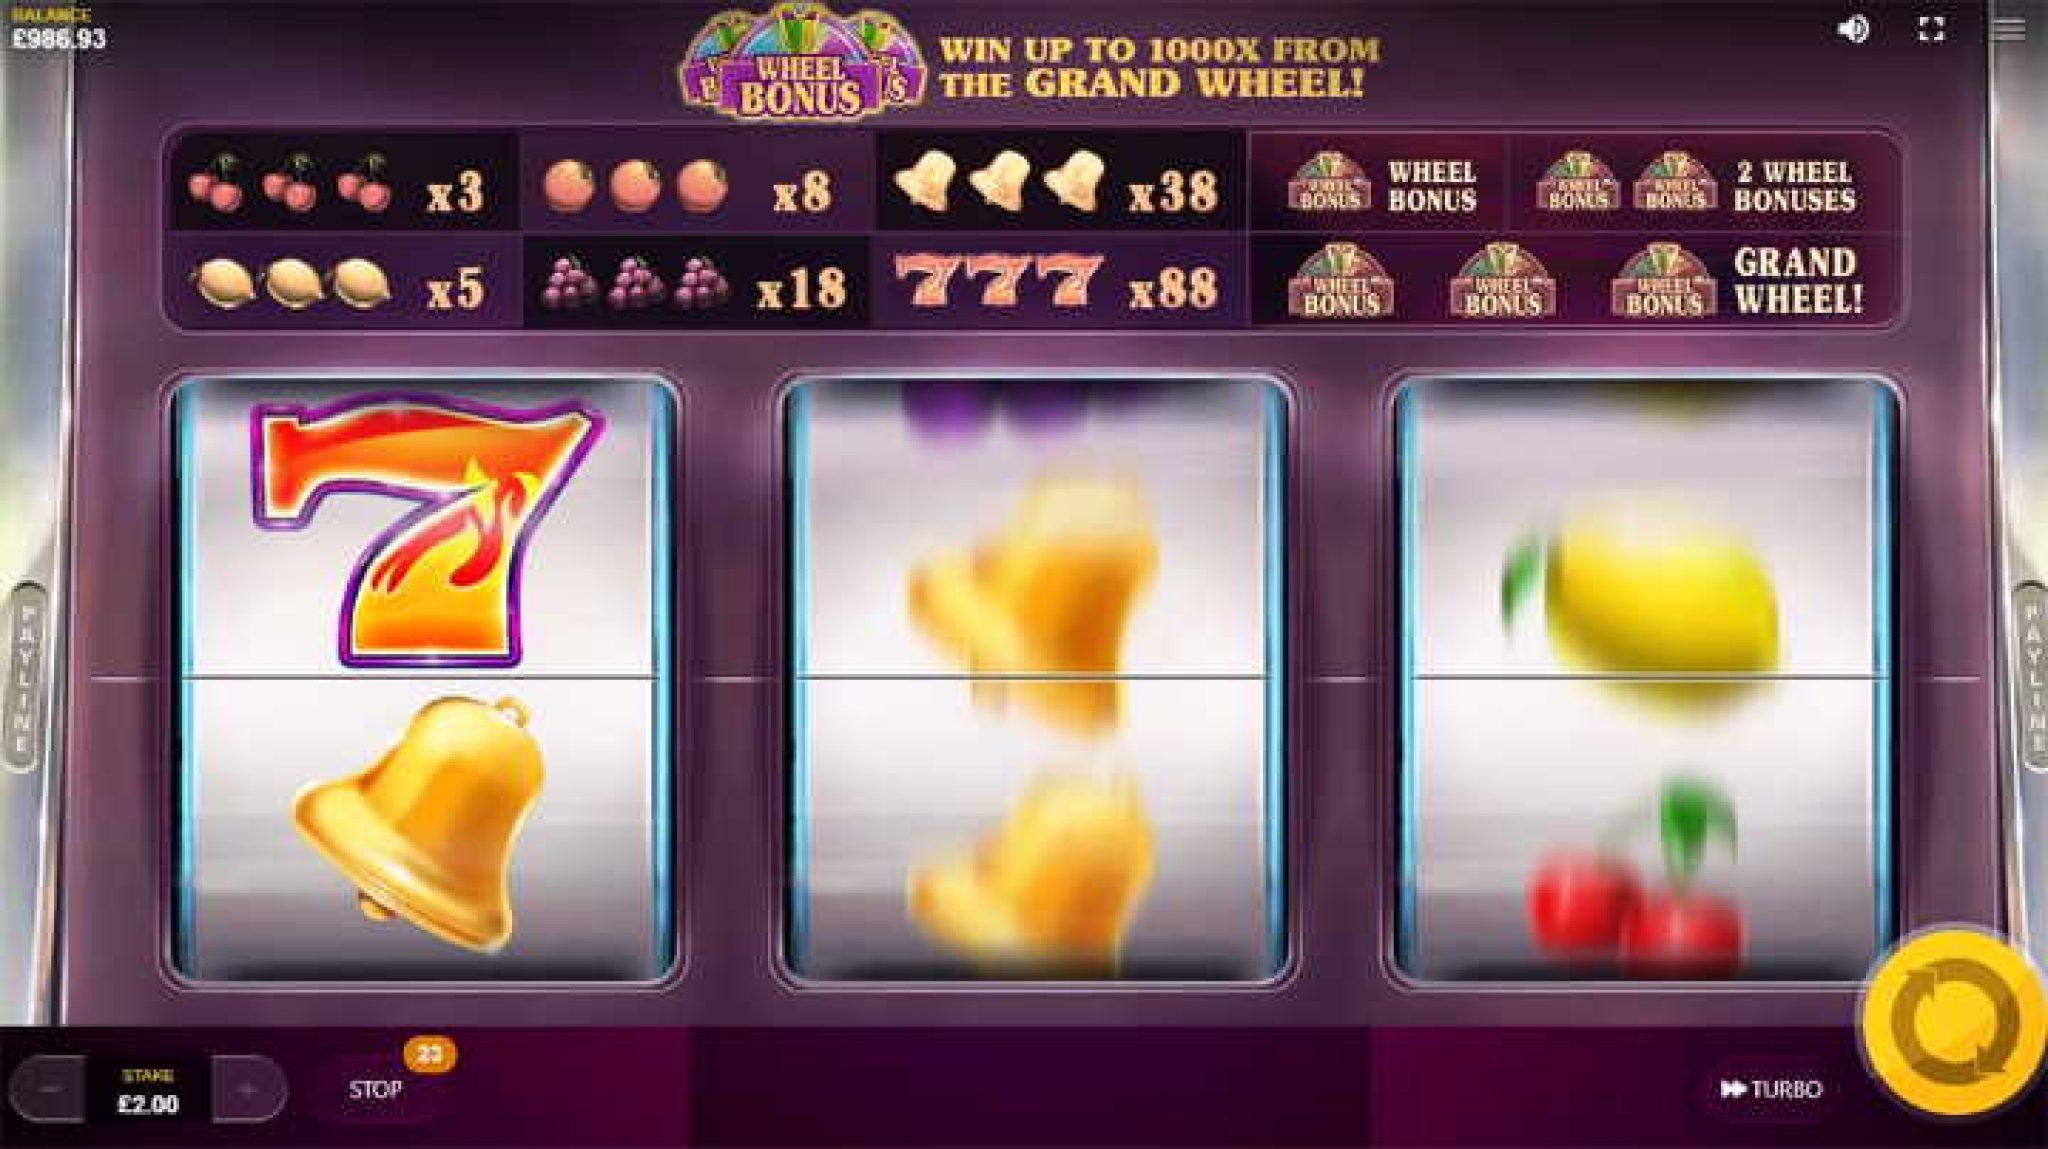 бесплатная игра в казино онлайн